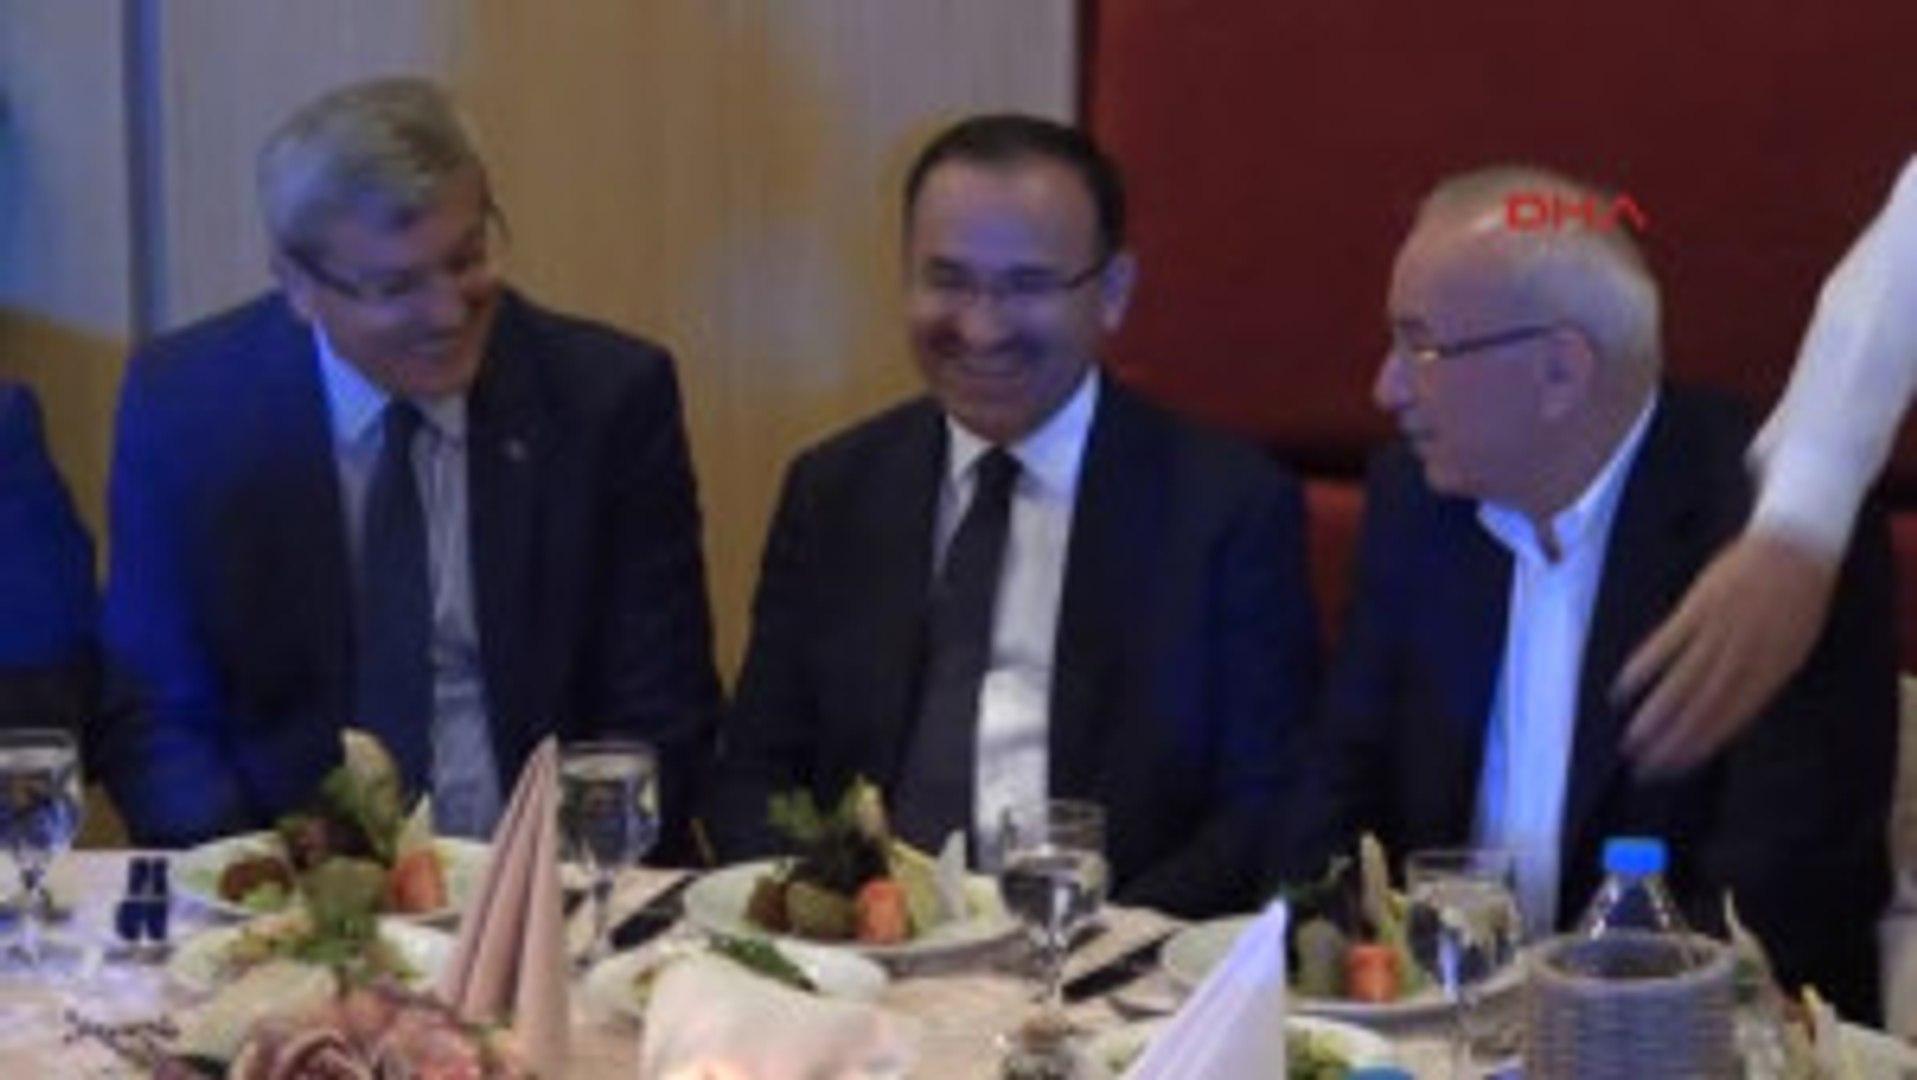 Bolu Bakan Bozdağ, HSYK Başkanvekili Yılmaz'ın Oğlunun Düğününe Katıldı